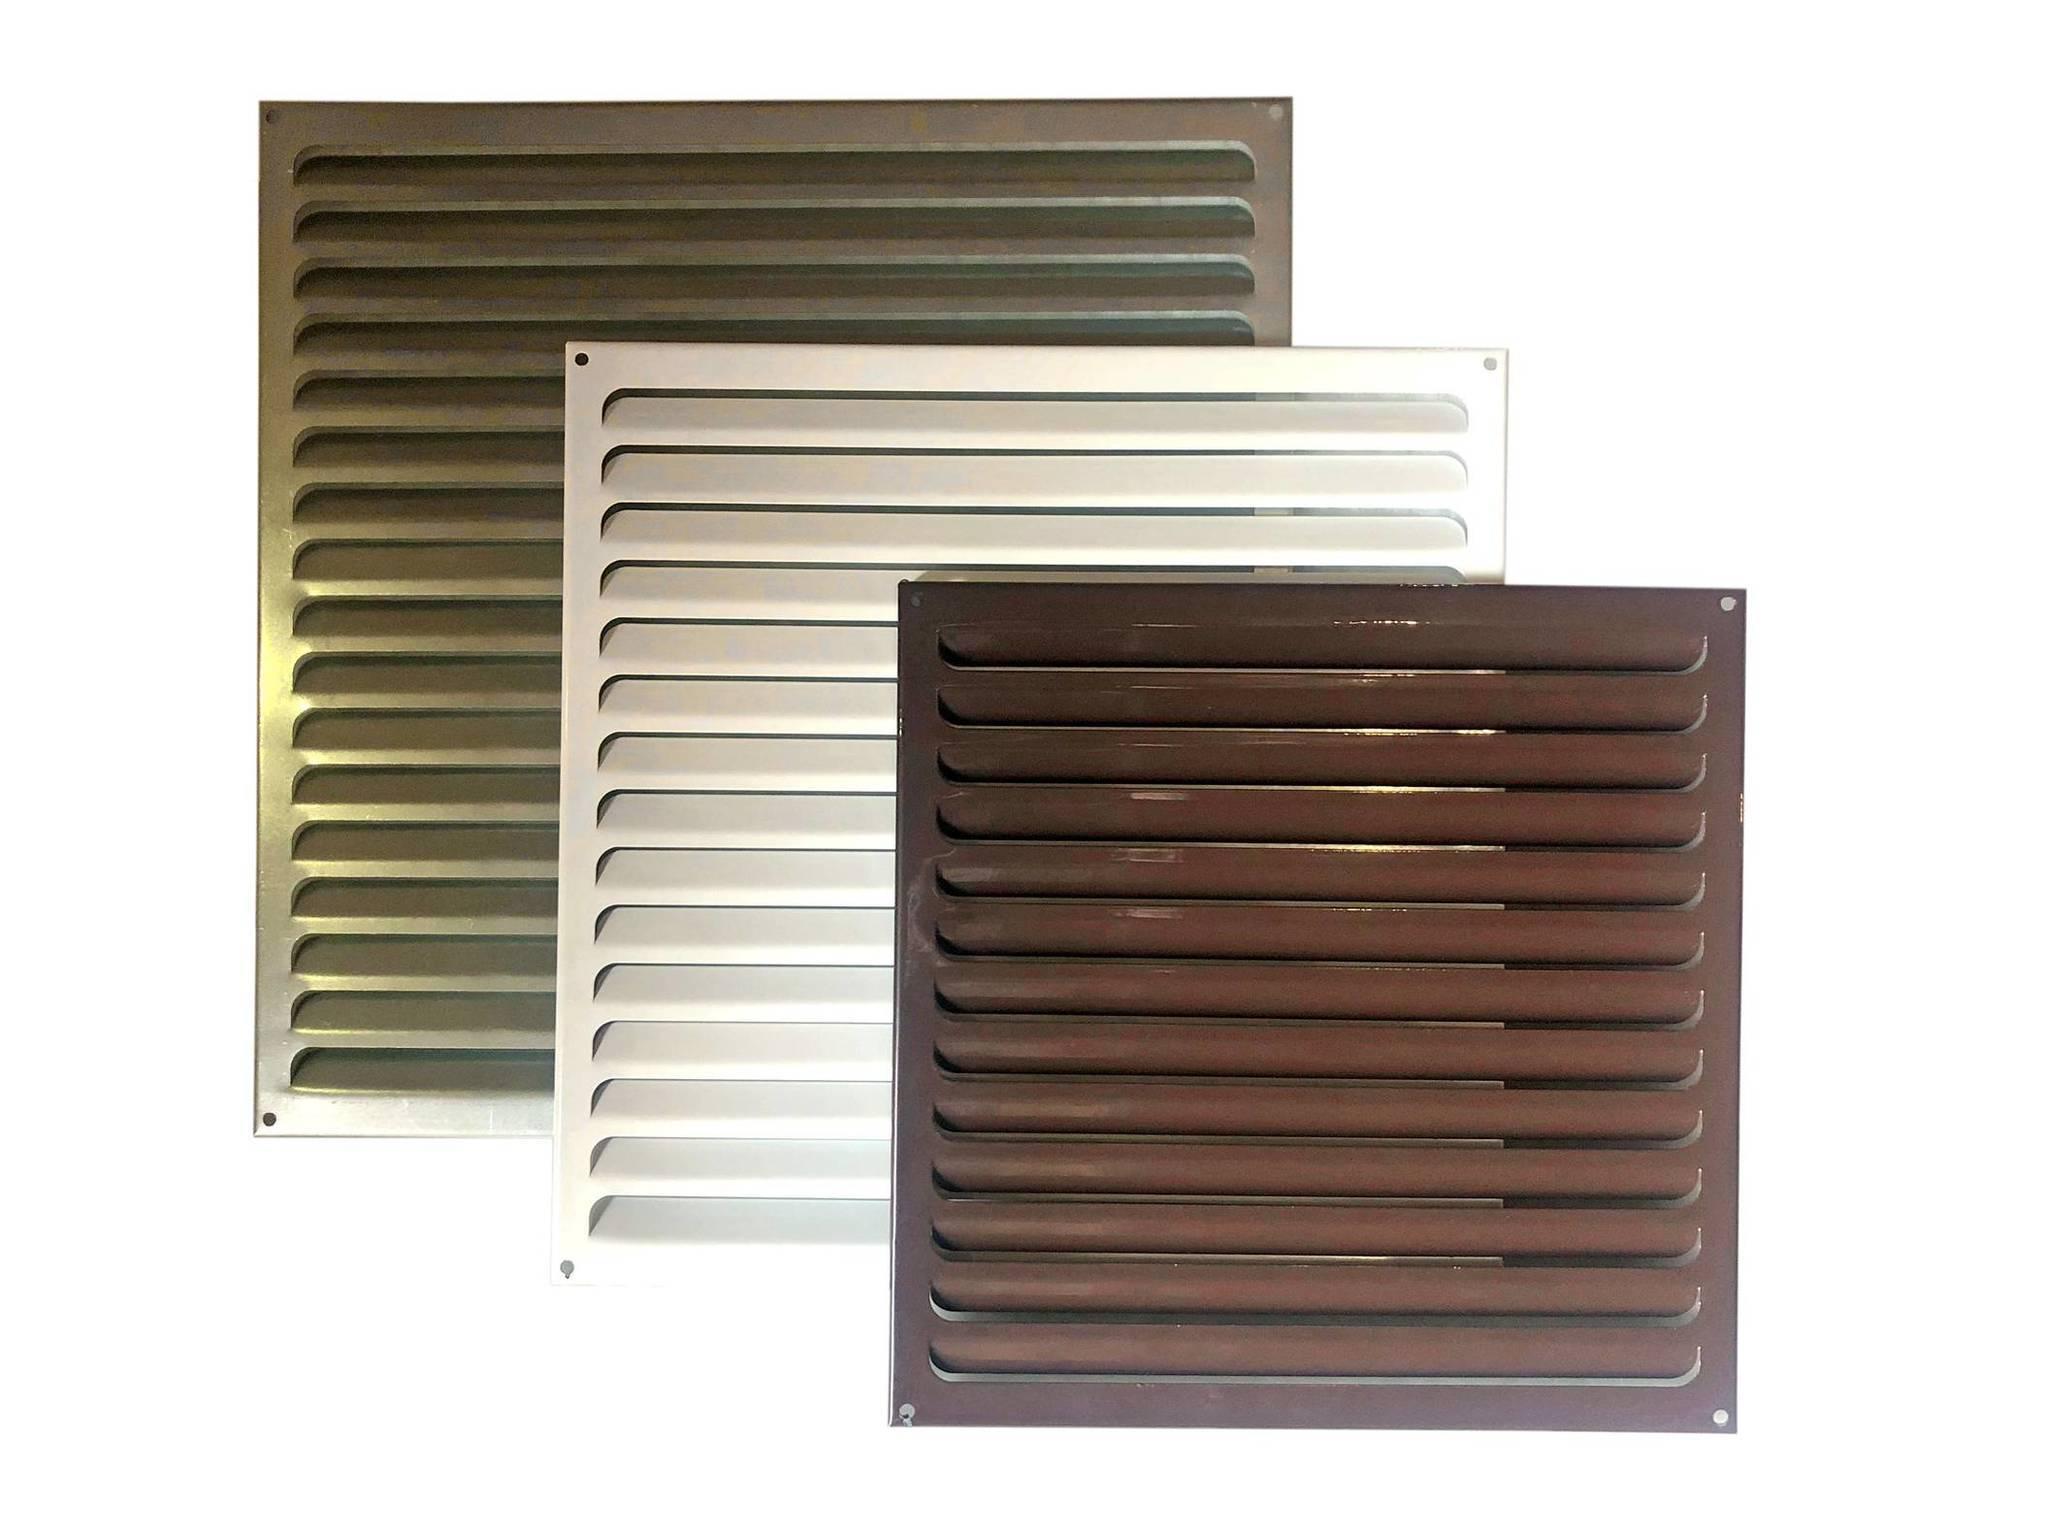 Решетки МВМ 3535МЭ, Решетка металлическая, коричневая image001.jpg